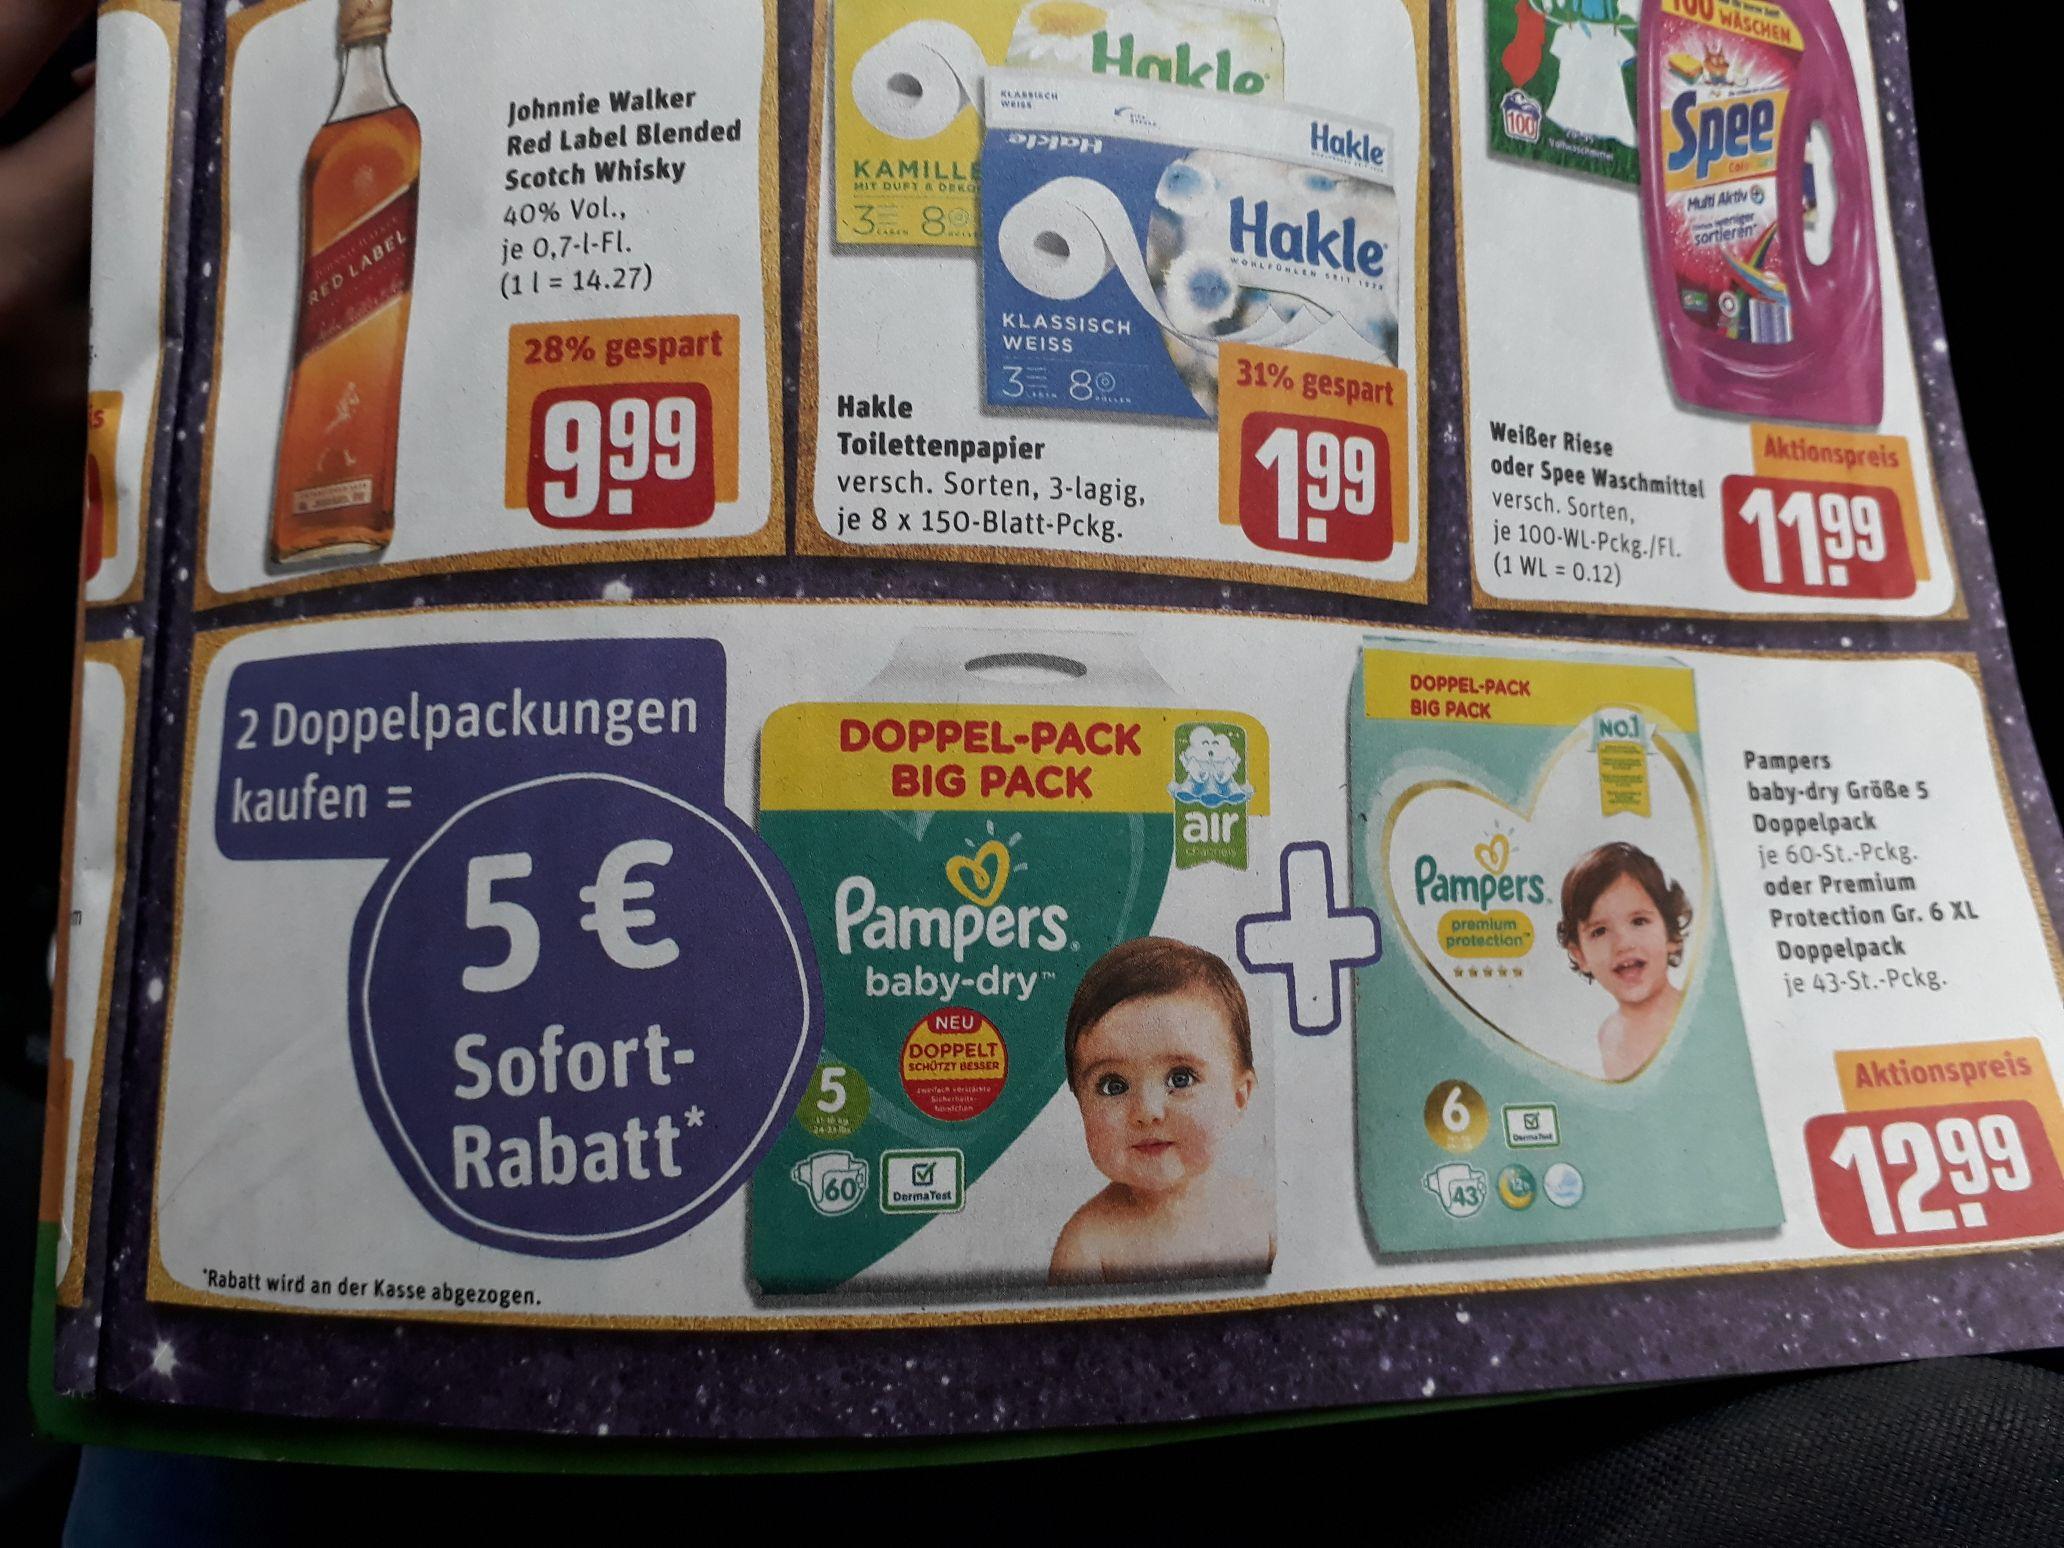 2 Doppelpackungen Pampers kaufen, 5€ Rabatt